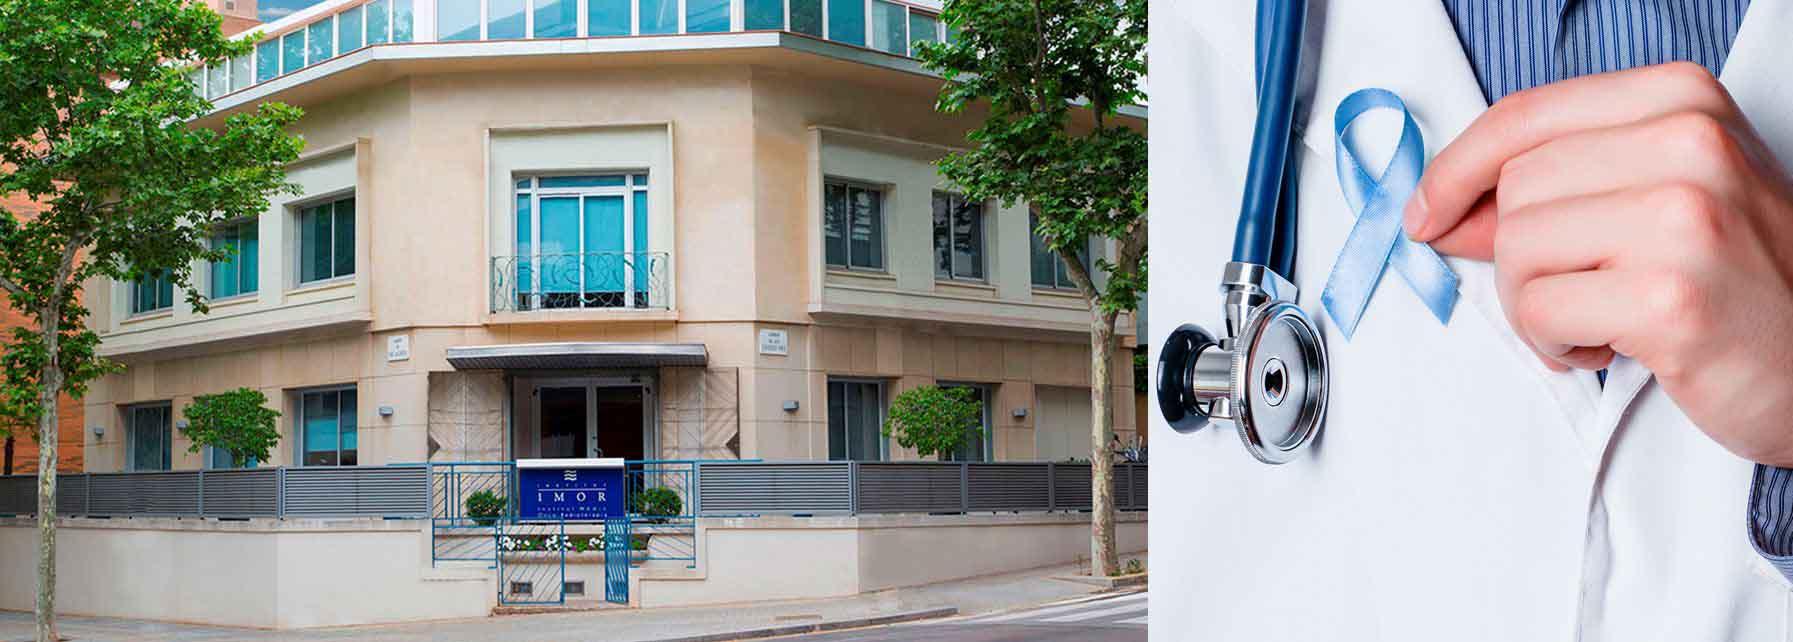 مستشفى IMOR للأورام (إسبانيا). العلاج الإشعاعي، العلاج الإشعاعي الموضعي. سرطان الثدي، سرطان البروستاتا.